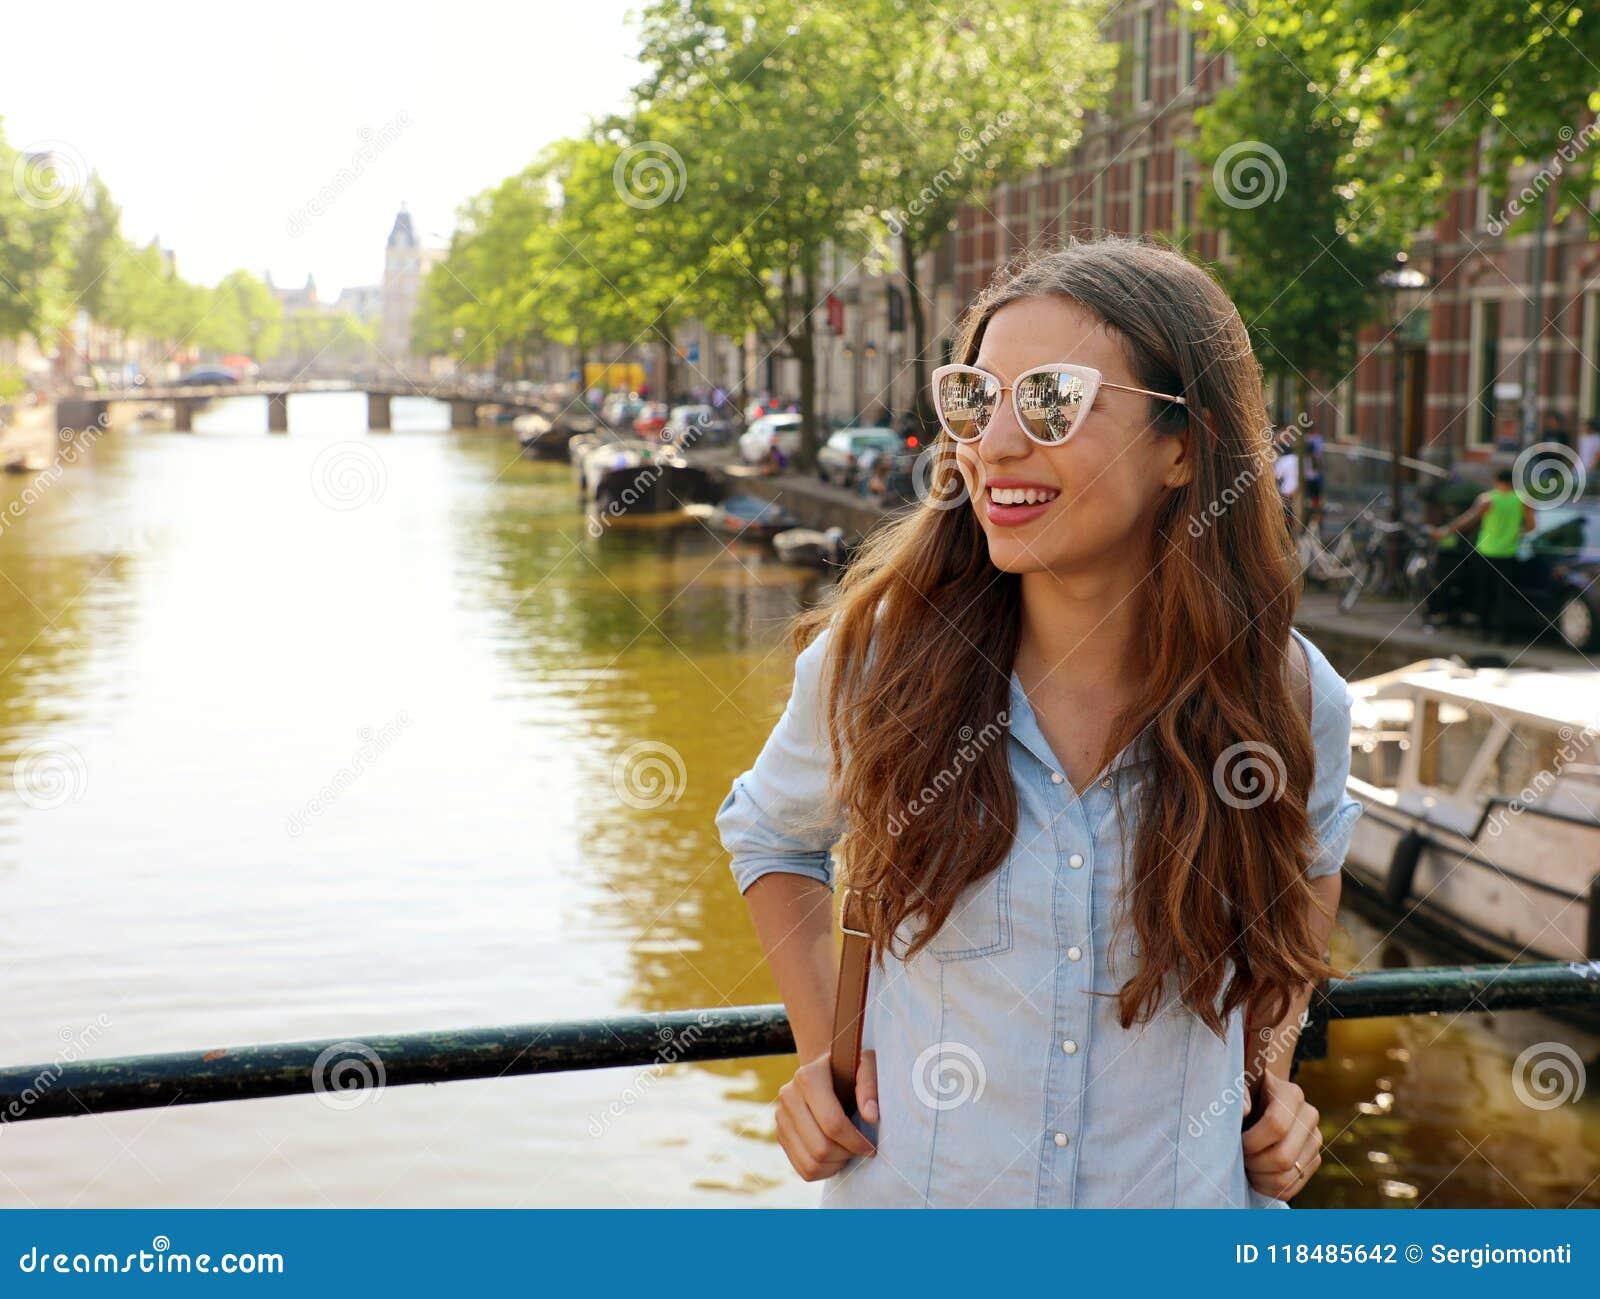 Stående av den härliga gladlynta flickan med solglasögon som ser till sidan på en av typiska Amsterdam kanaler, Nederländerna